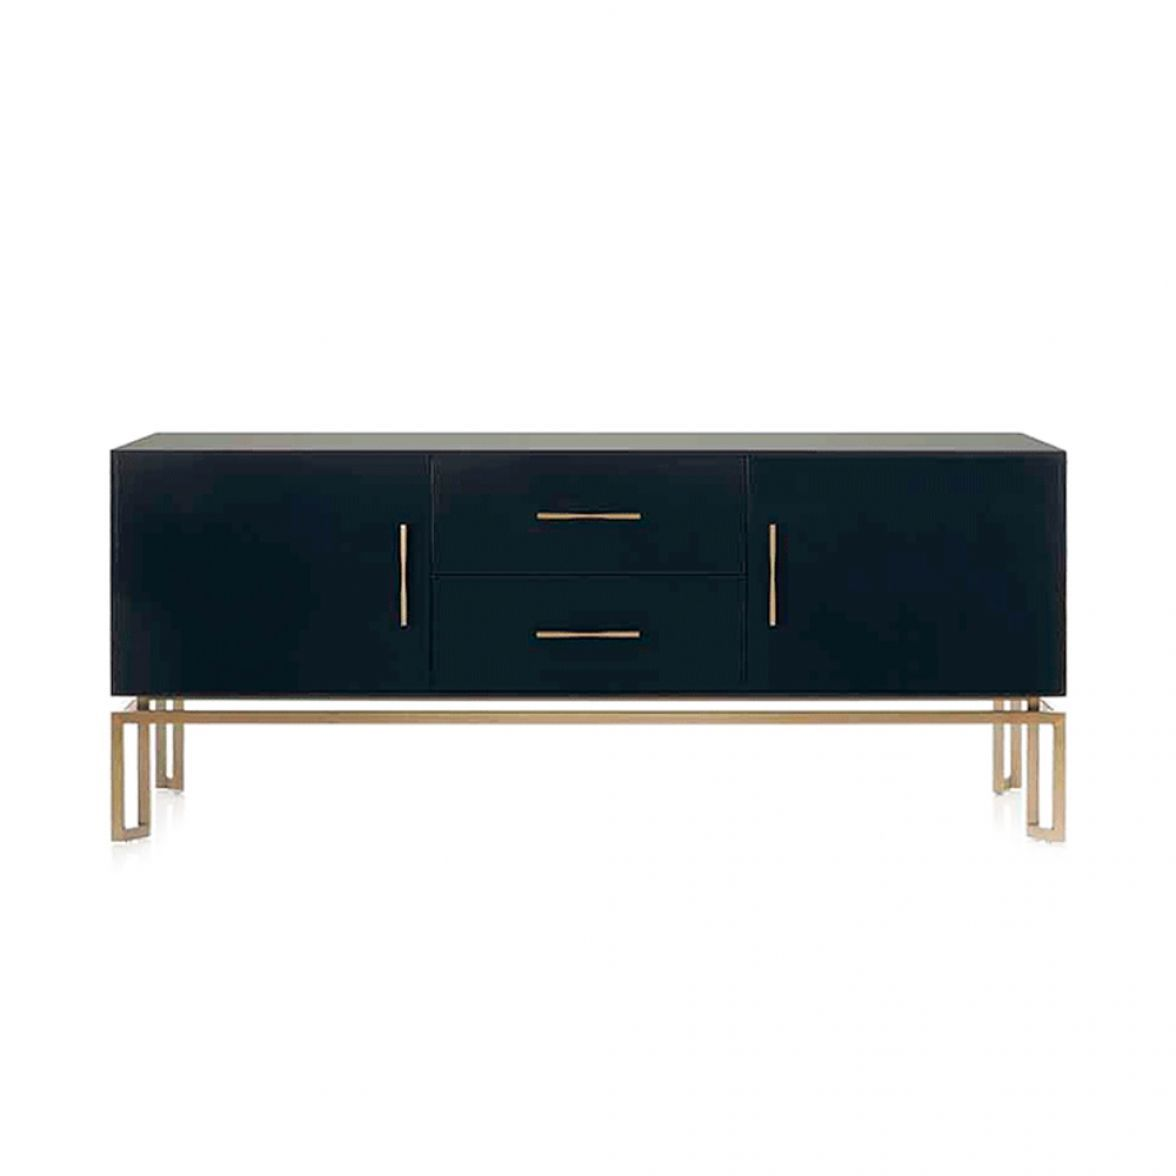 Oro sideboard